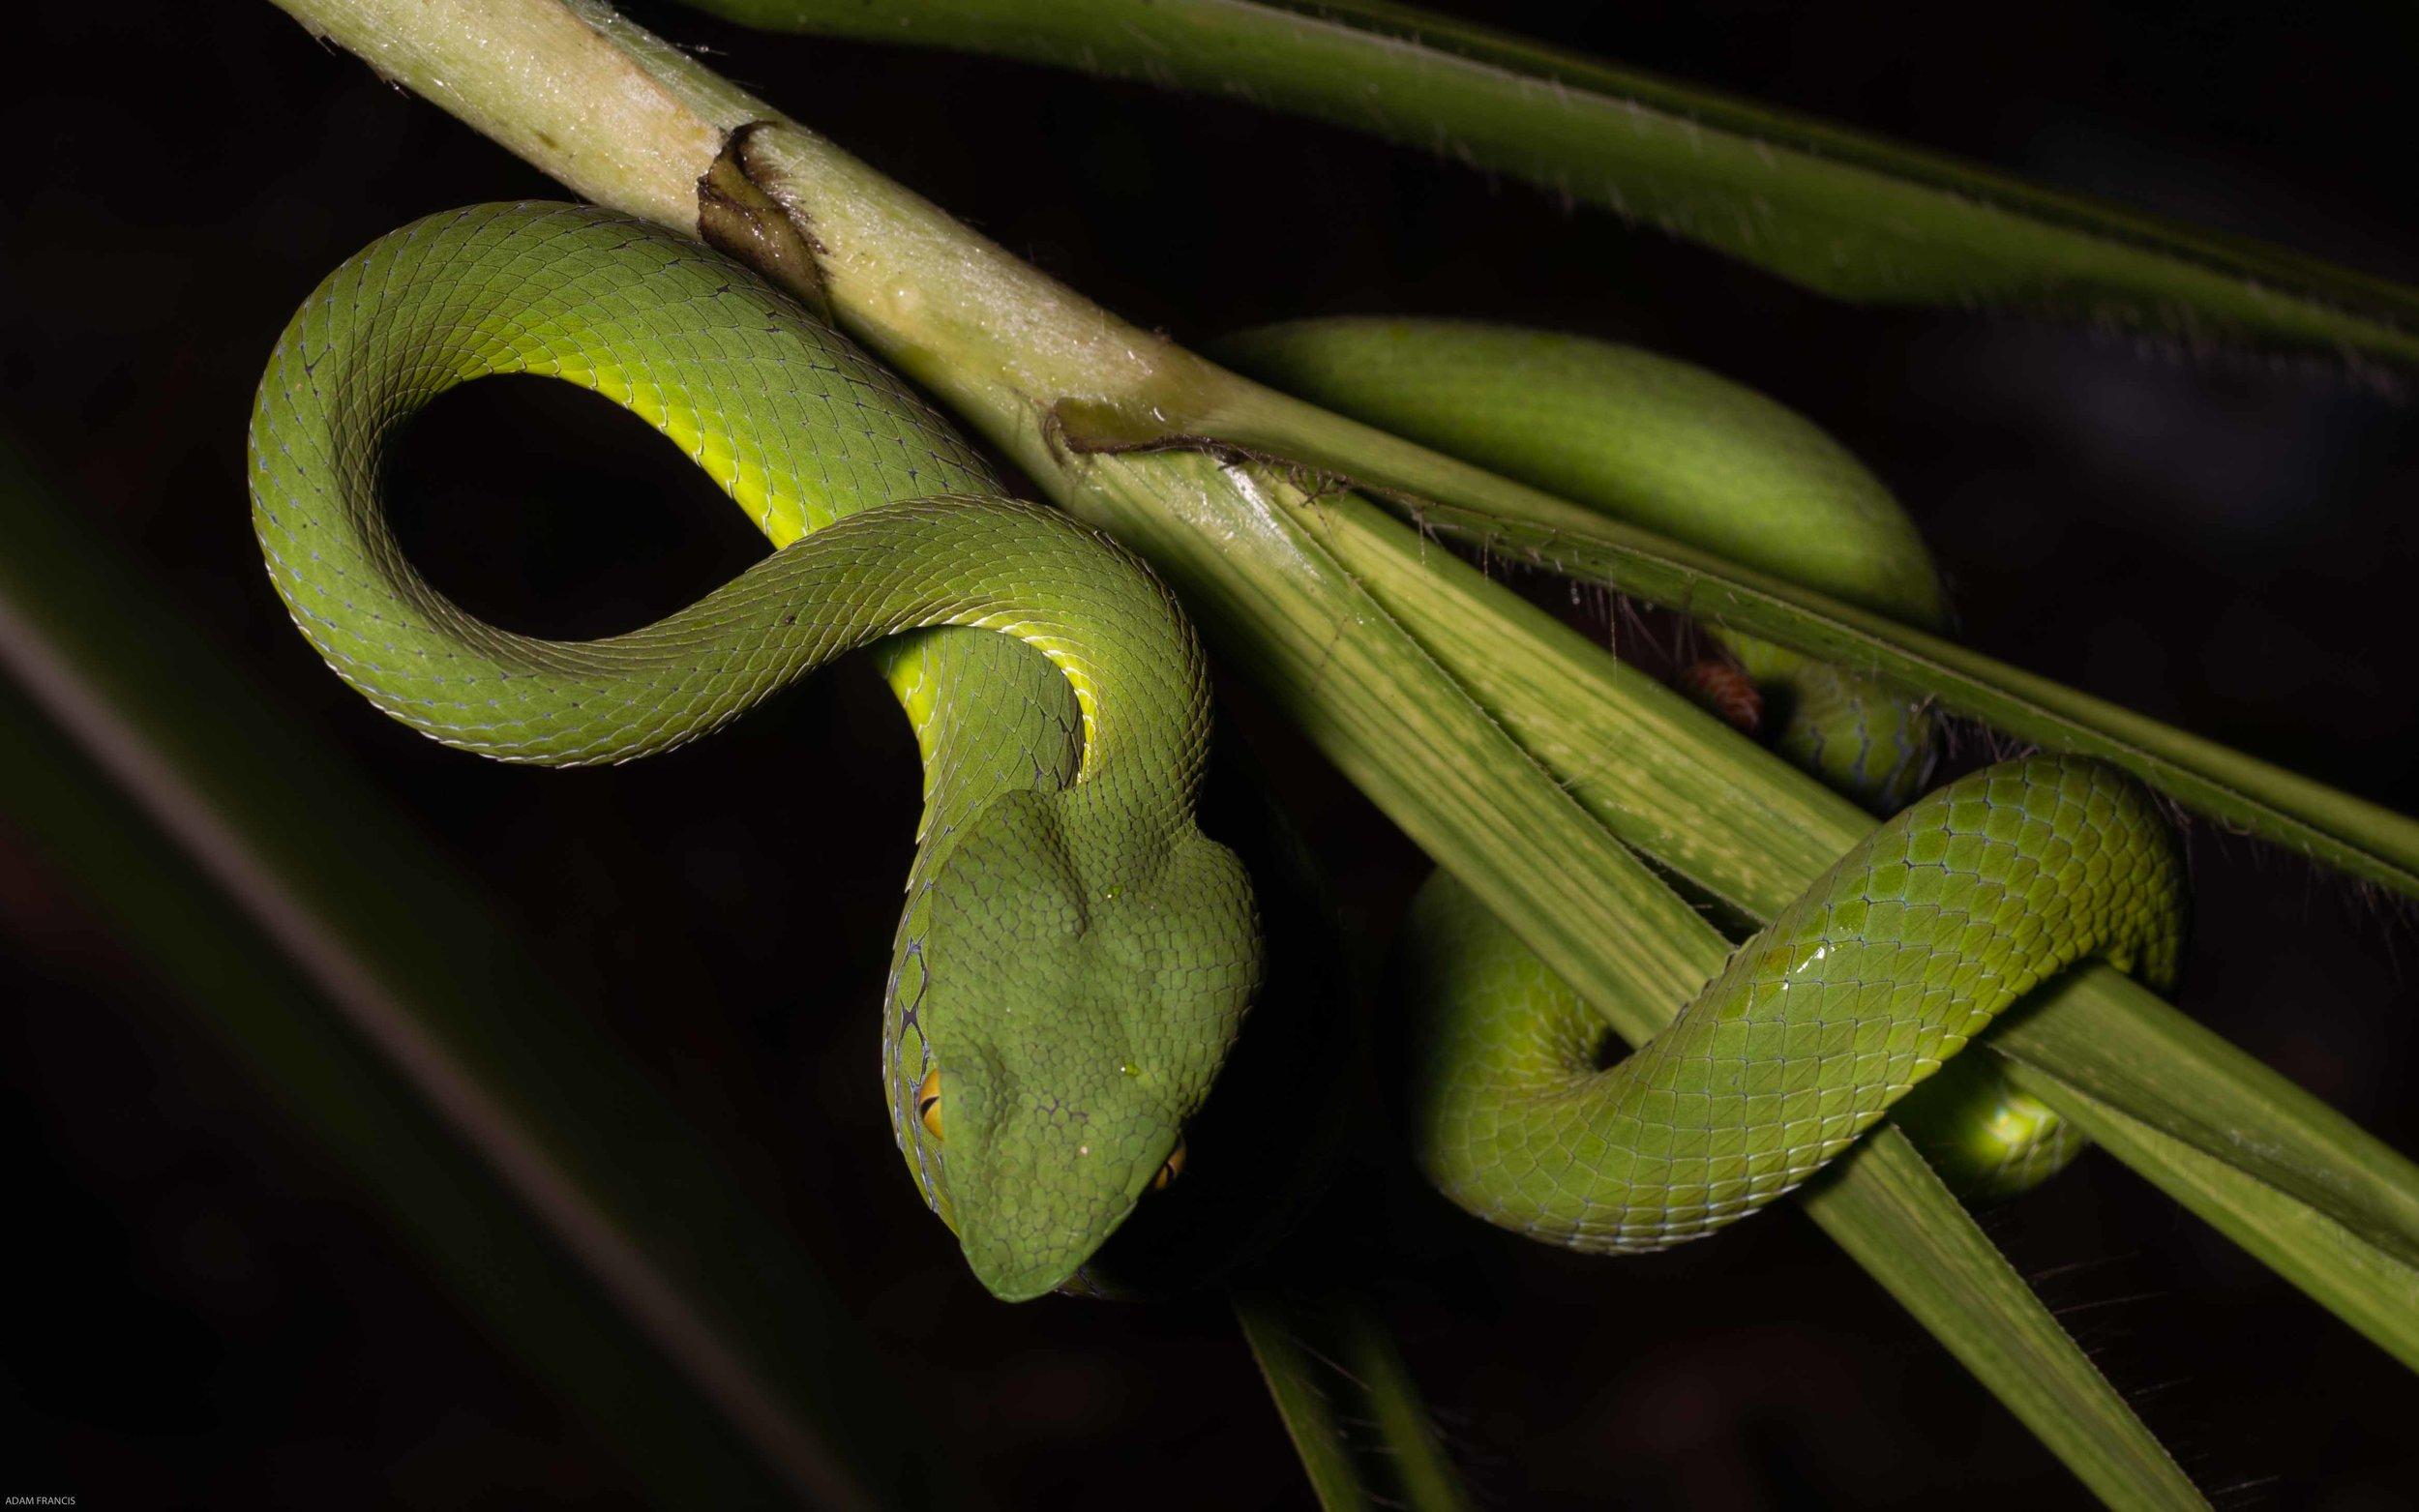 Siamese Peninsular Pit Viper - Trimeresurus fucatus